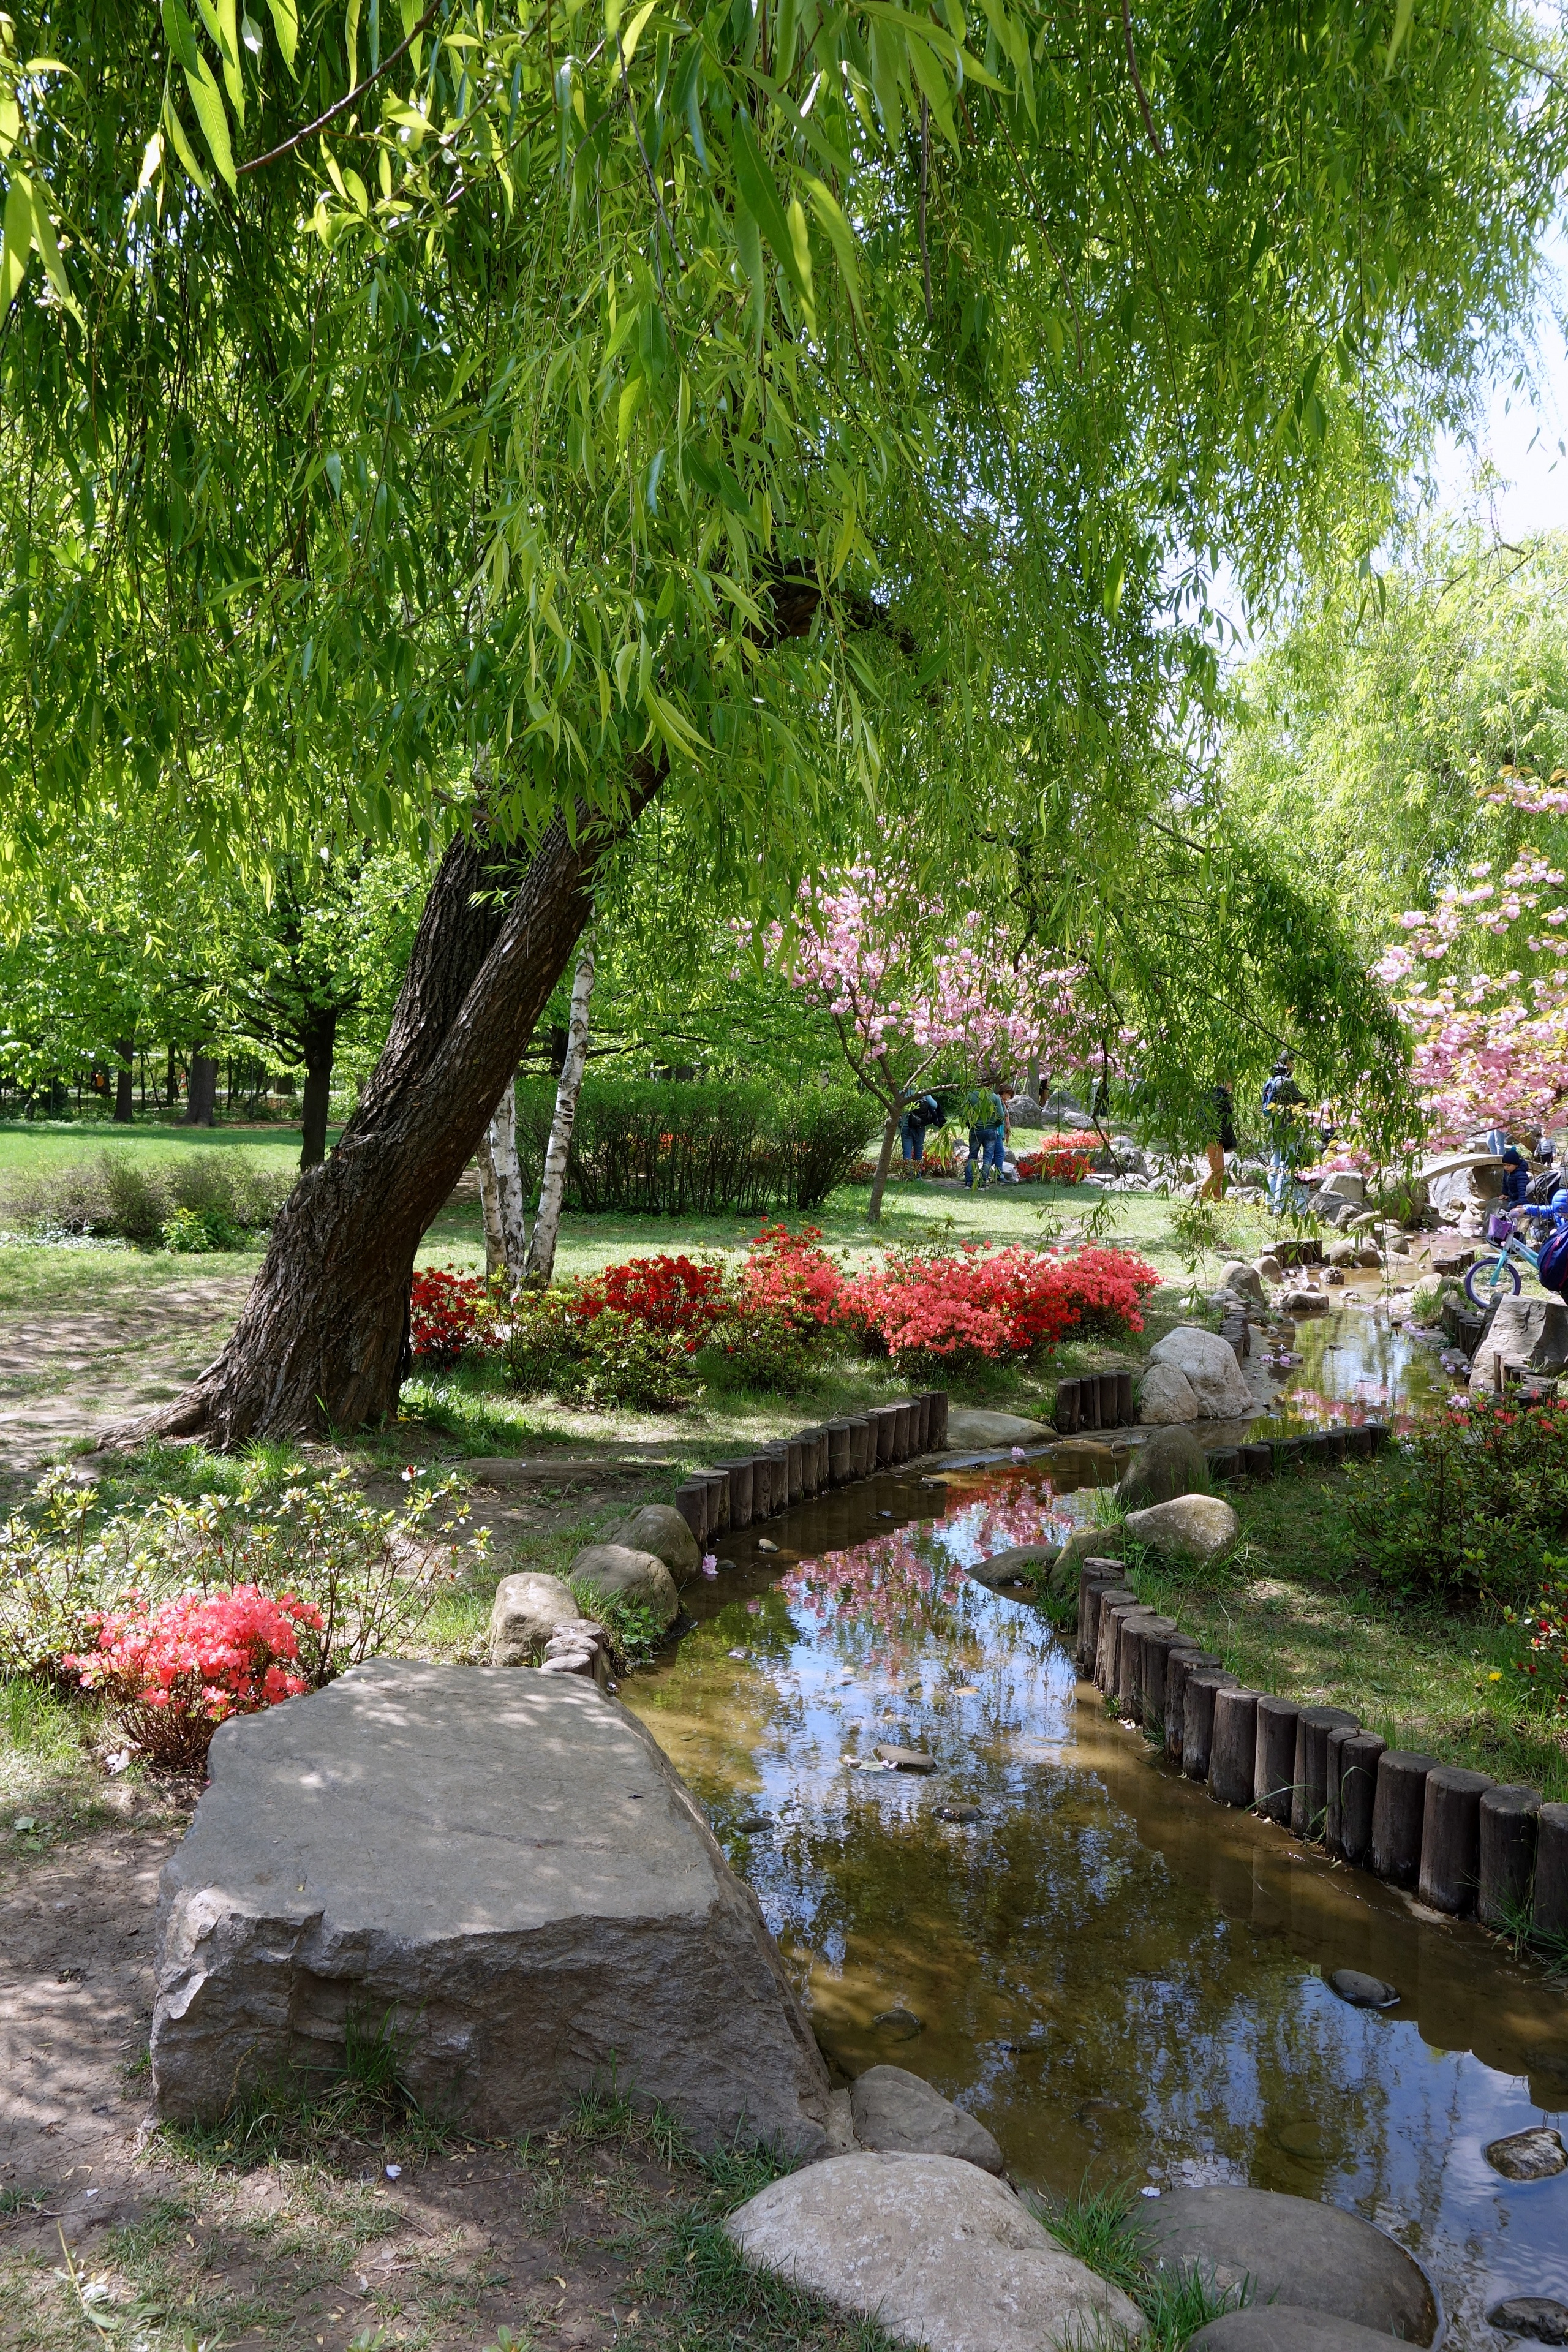 Piękny Japoński Ogród w Parku Herăstrău - Rumunia, Bukareszt